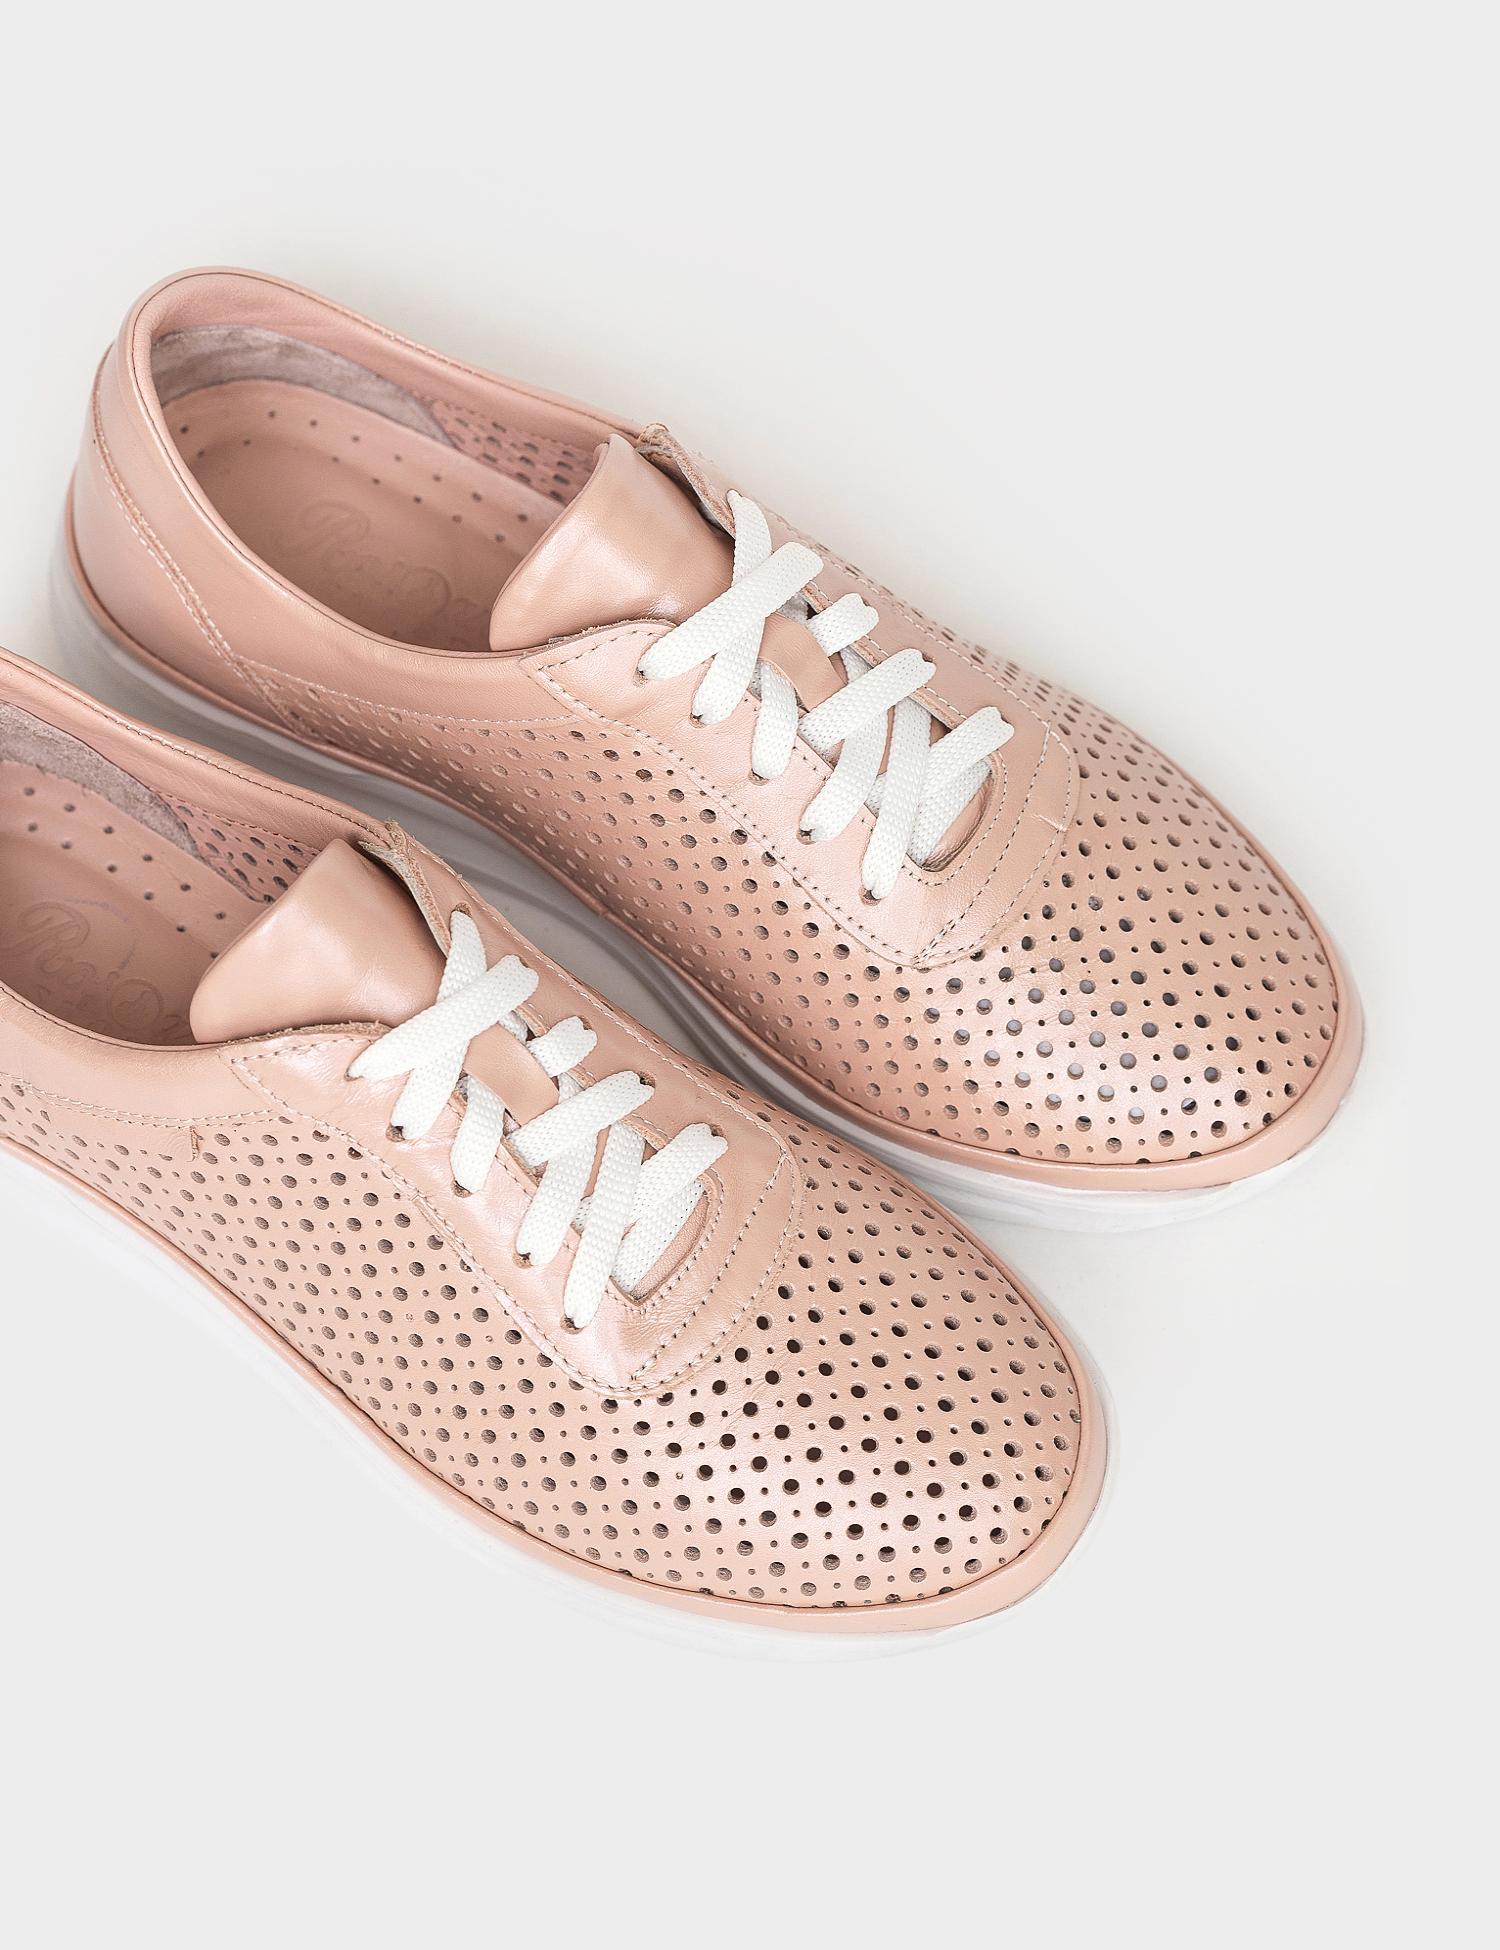 Кросівки  жіночі Кроссовки 26-151 бежевая кожа 26-151 модне взуття, 2017